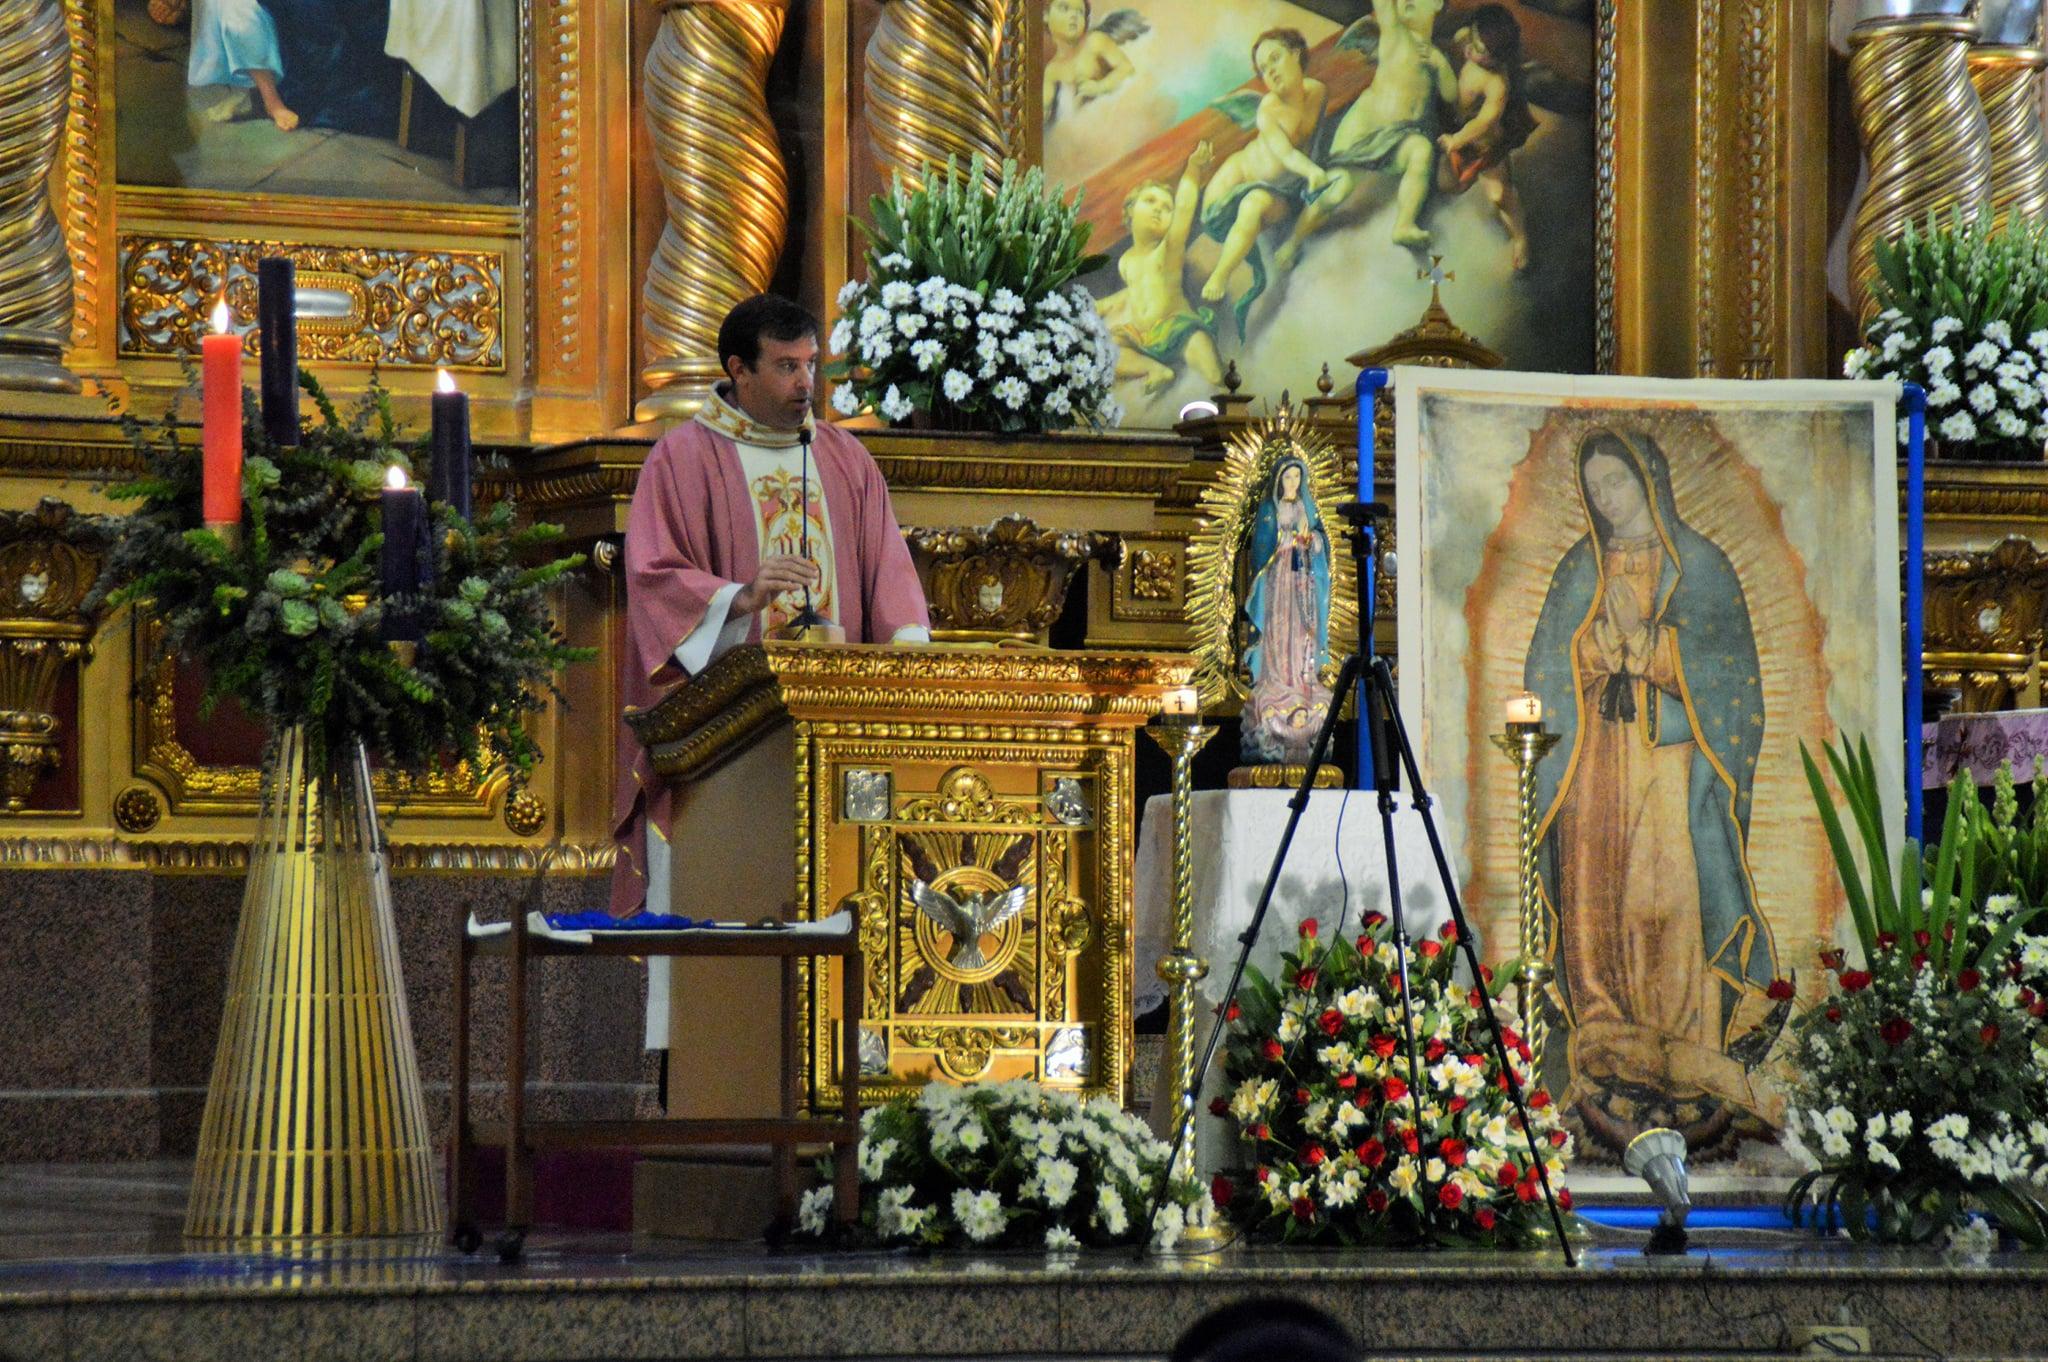 Filipinas - Fiesta de Nuestra Señora de Guadalupe